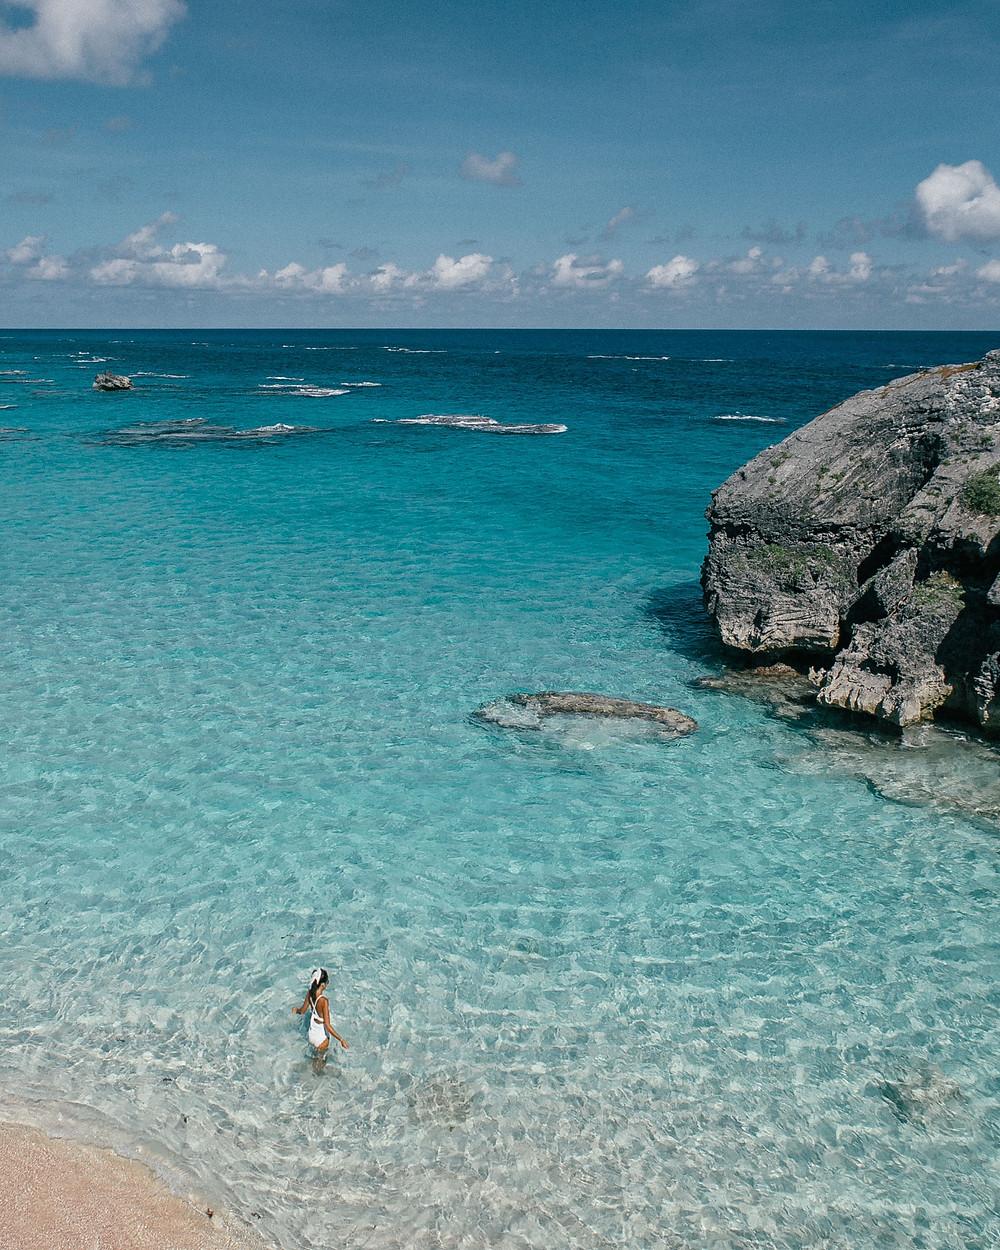 Warwick Long Bay, Bermuda